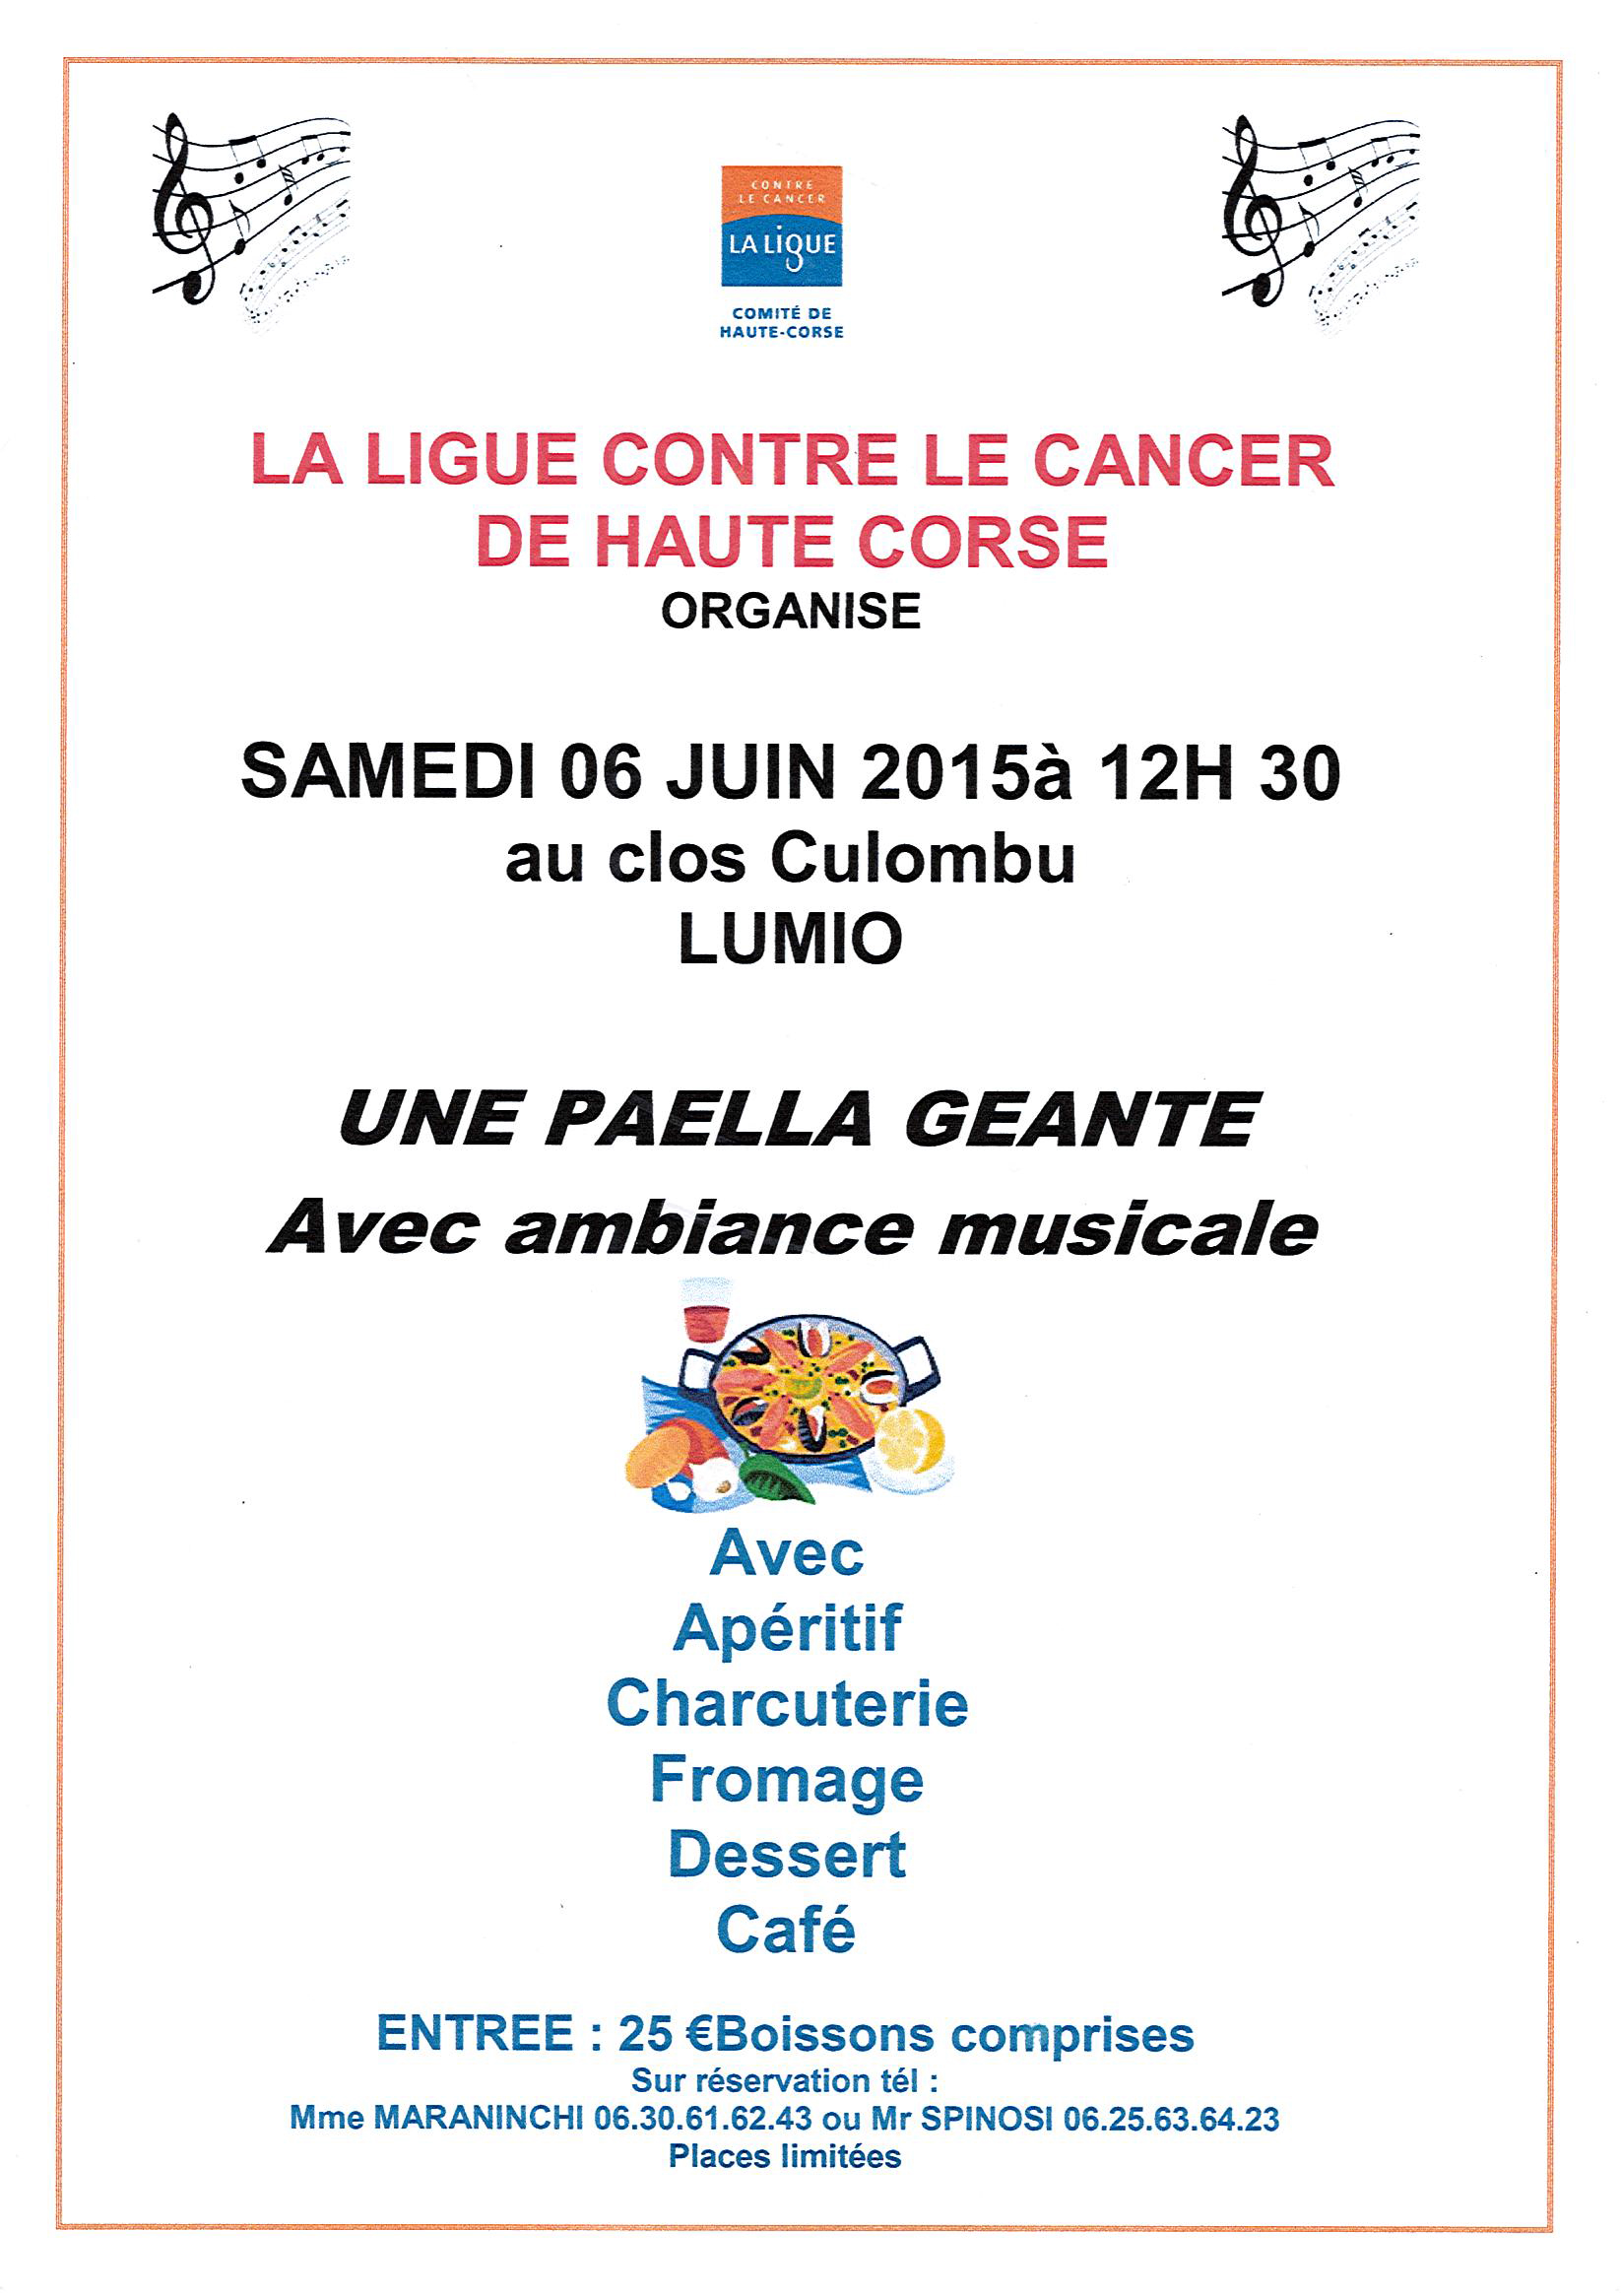 Paella géante pour la bonne cause le 6 juin au CLos Colombu